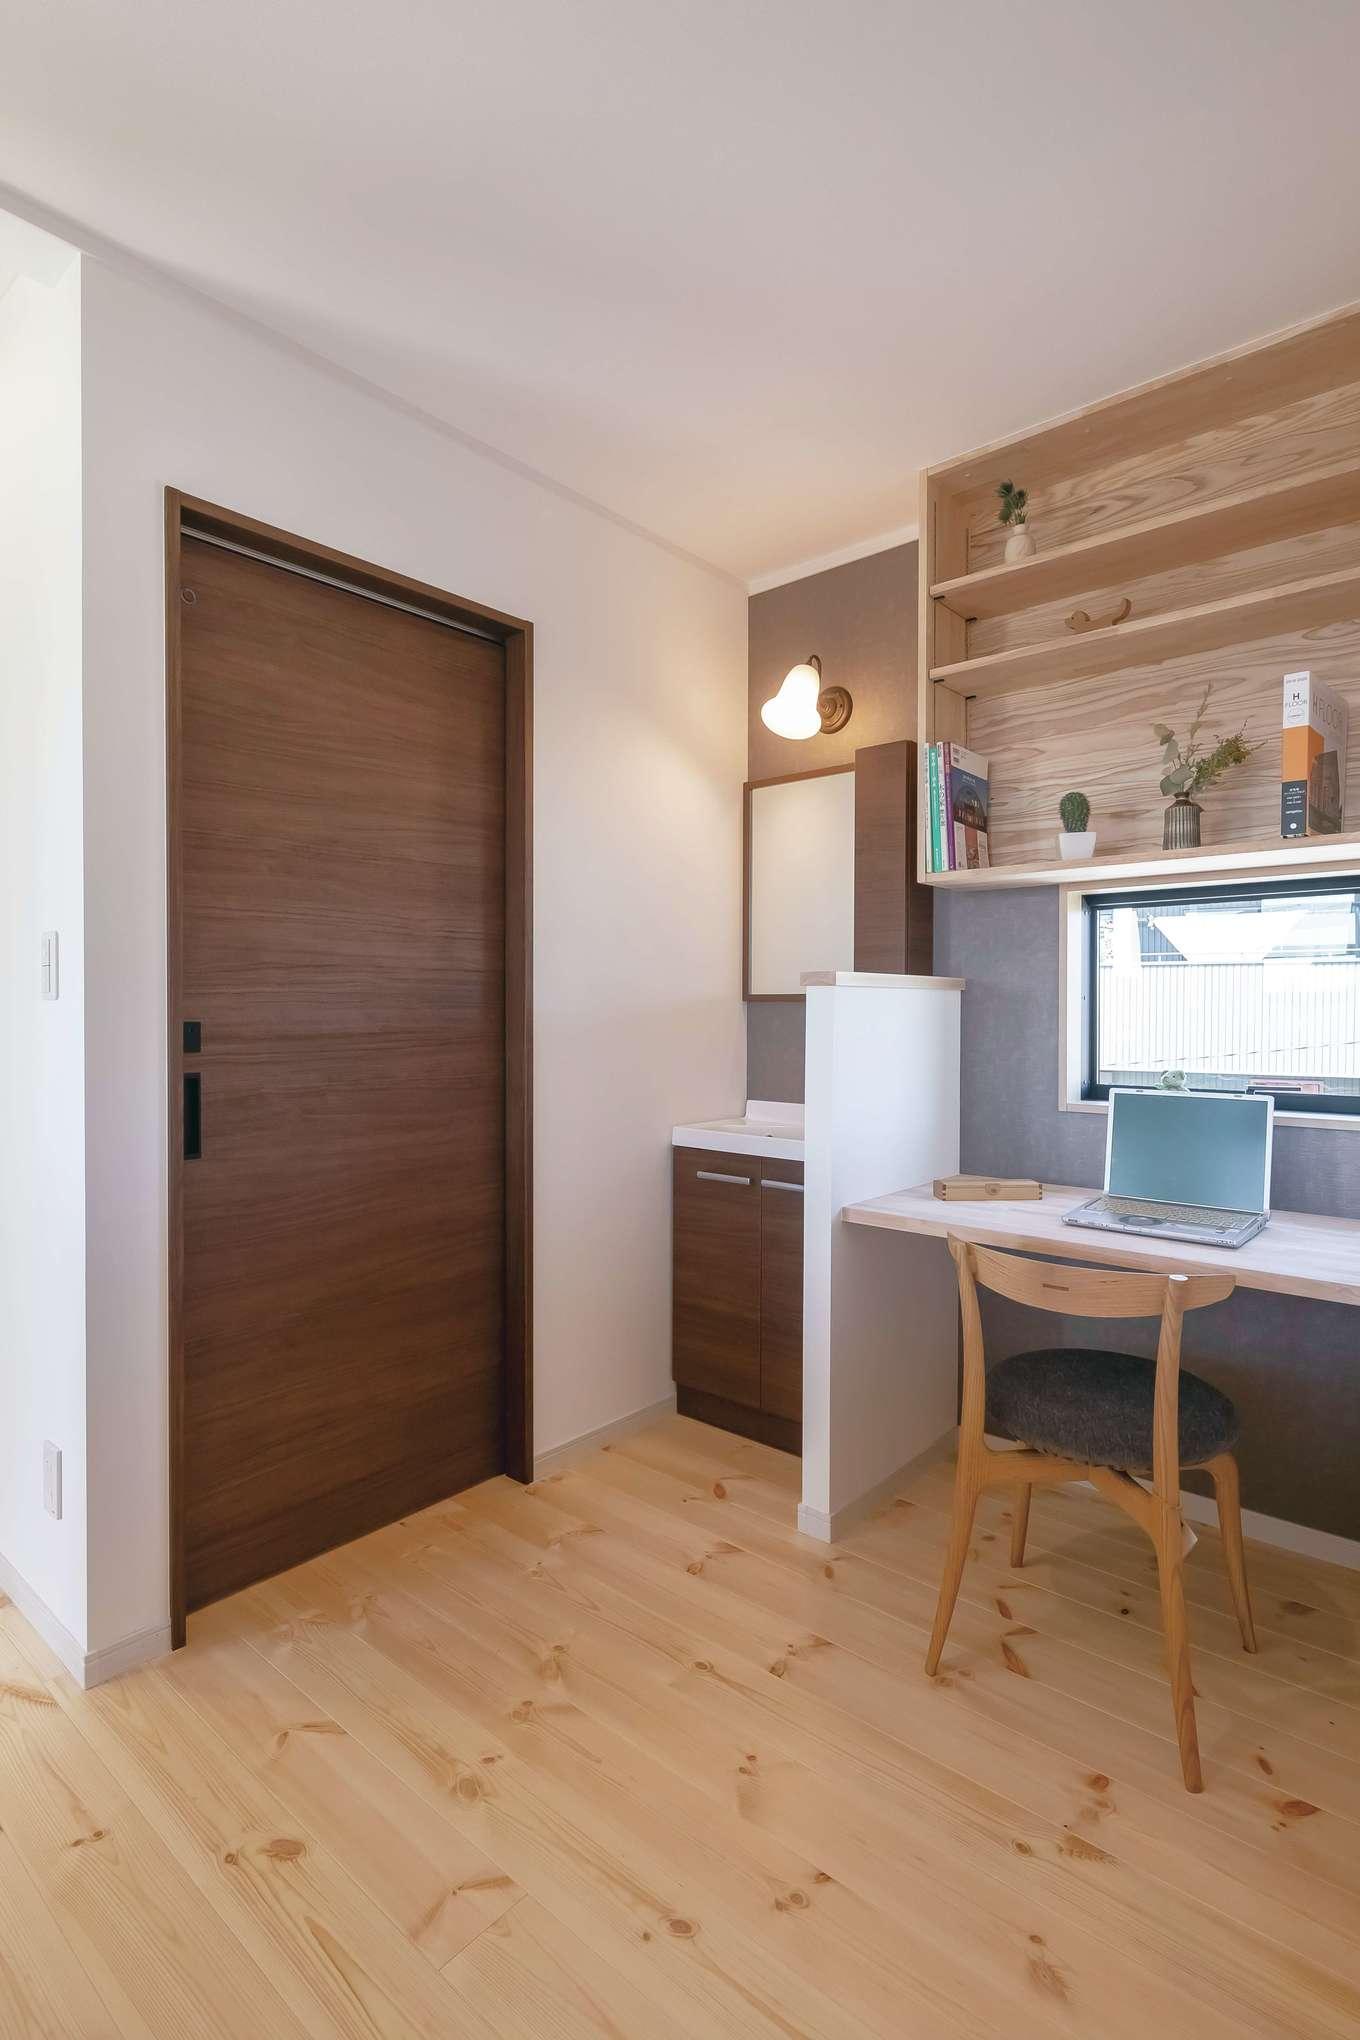 住まいるコーポレーション【収納力、自然素材、デザイン住宅】子どもの学習だけでなく、大人のパソコンスペースにも使える2階のスタディコーナー